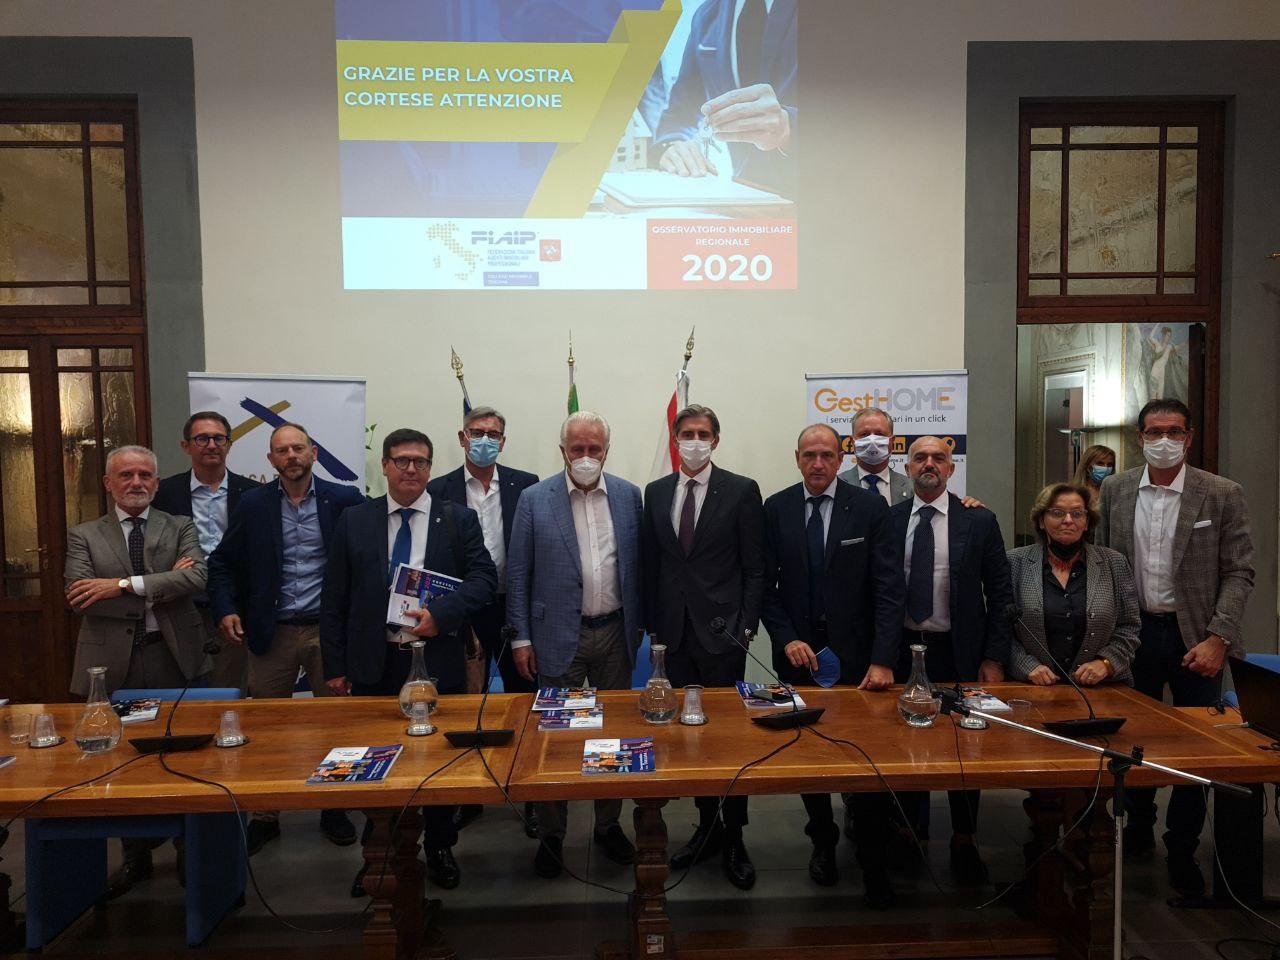 Immobiliare: In Toscana quotazioni 2020 stabili